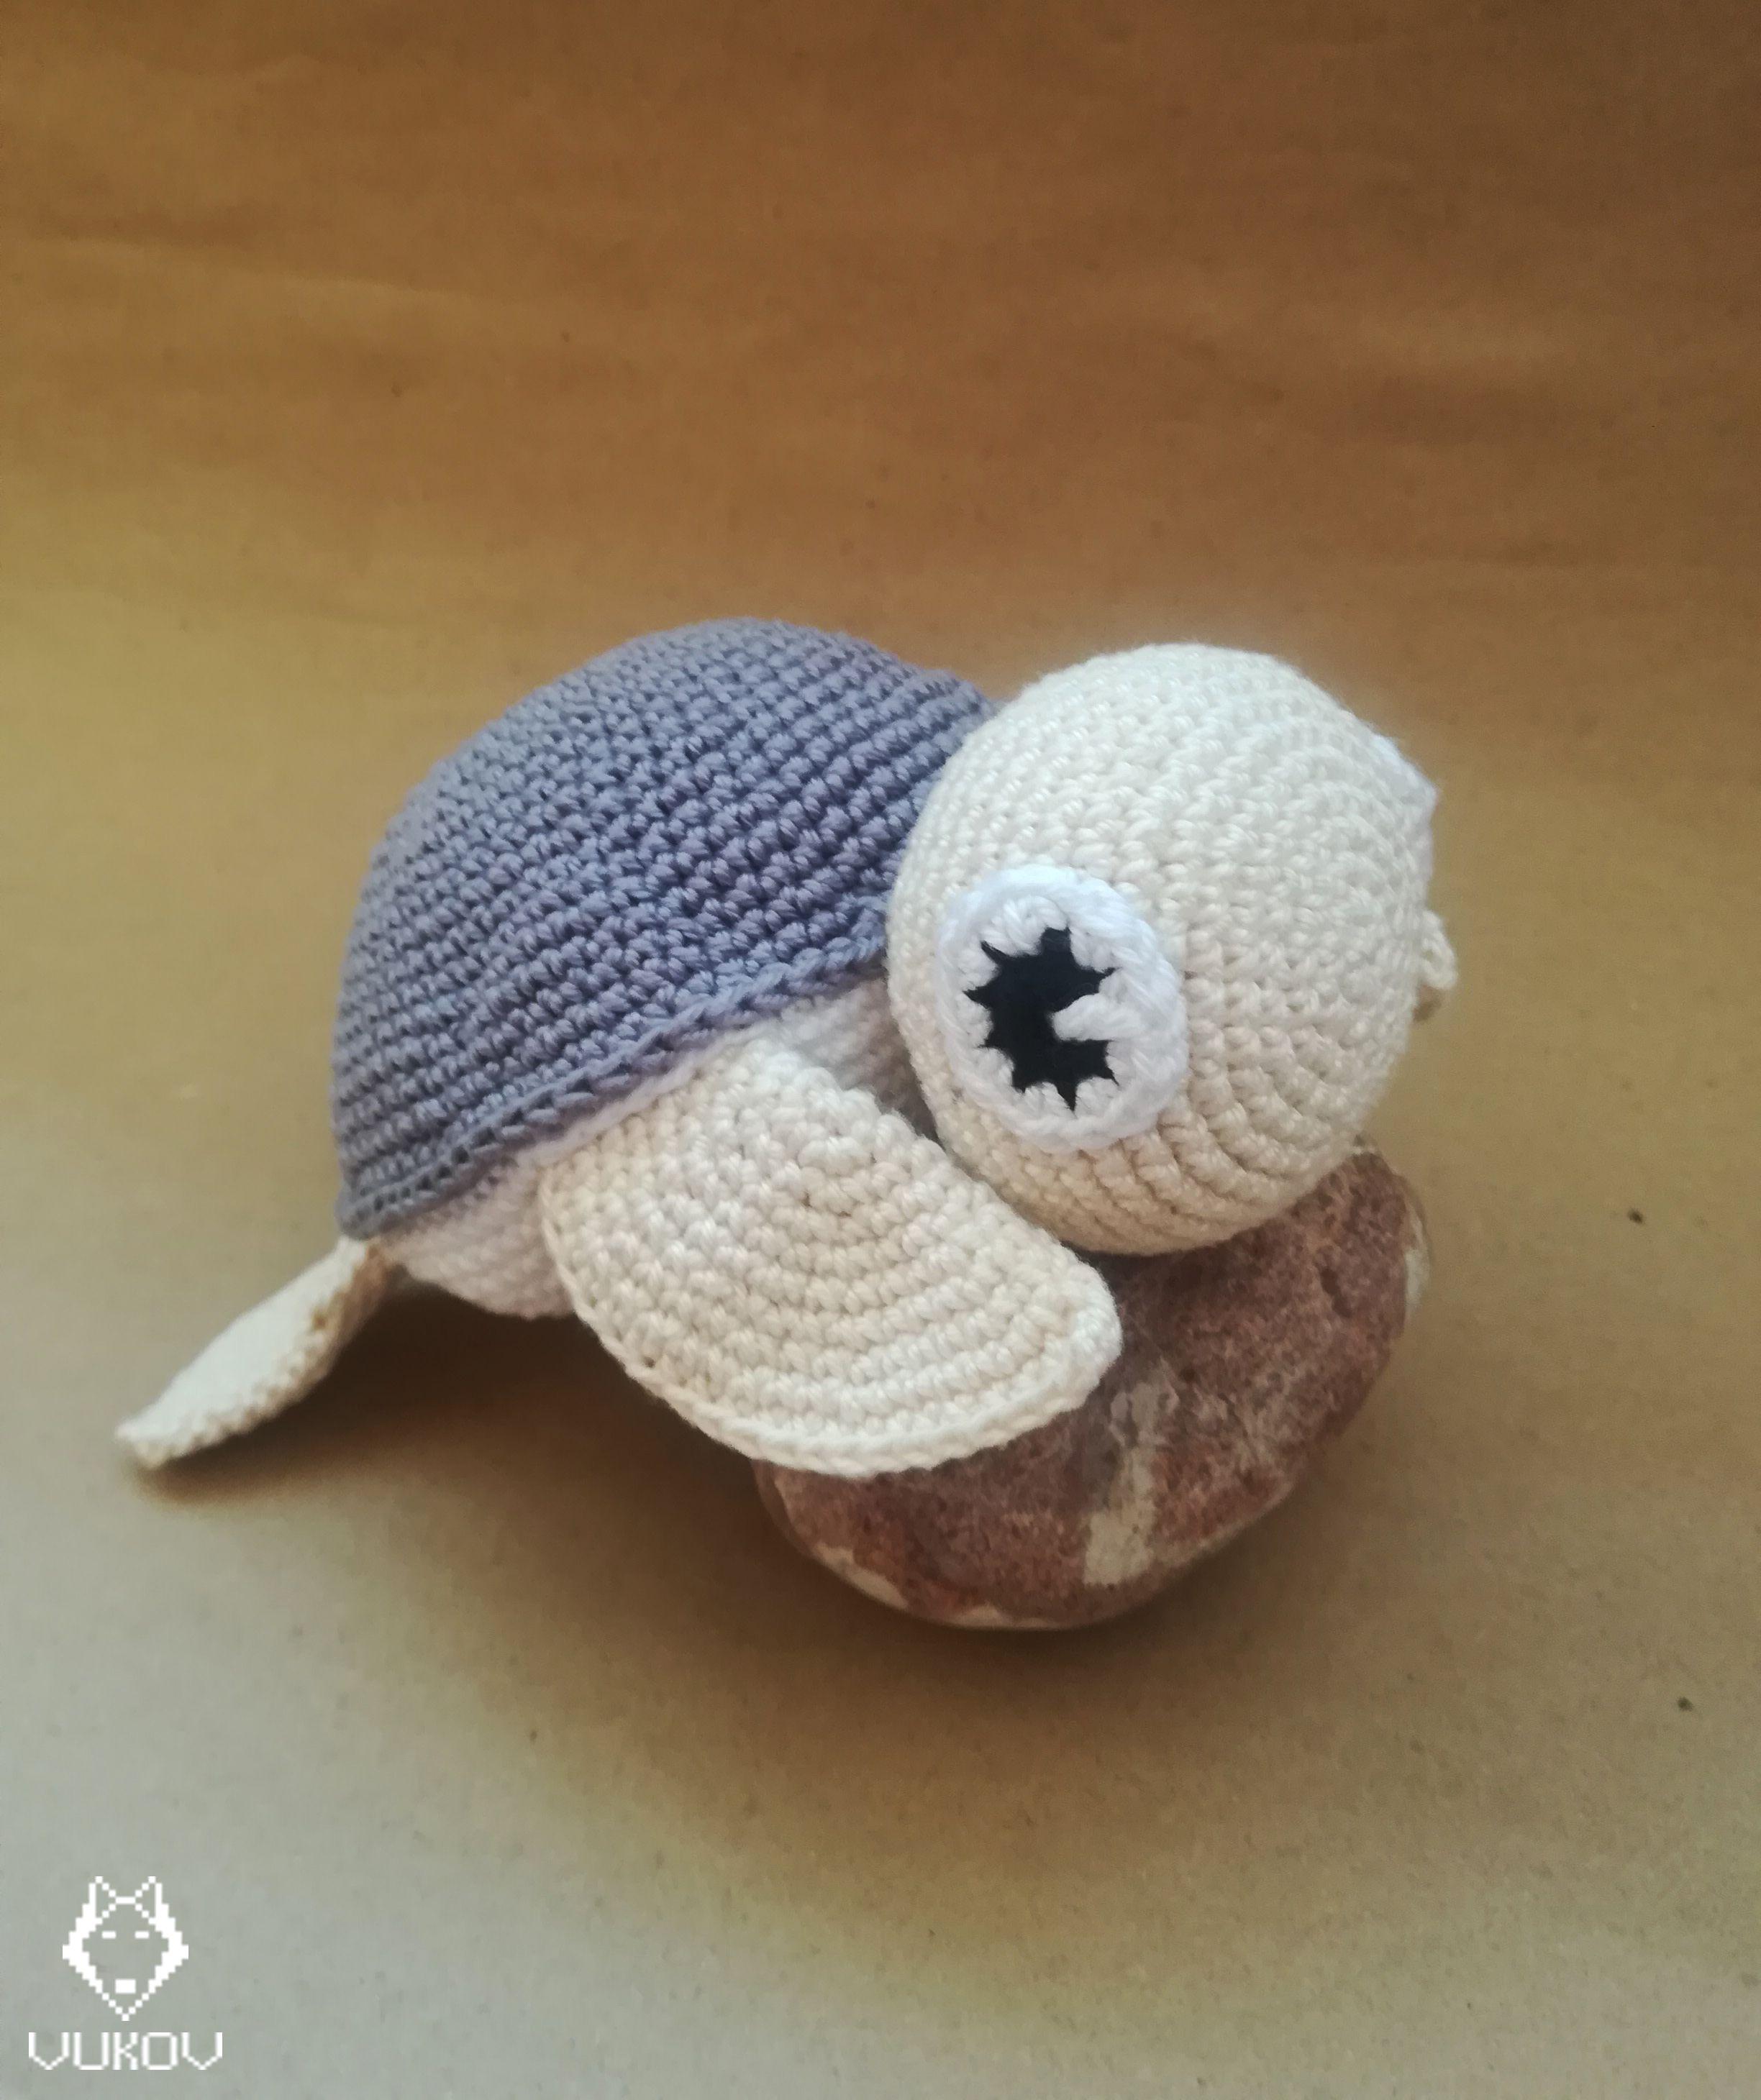 crochet turtle, amigurumi turtle, stuffed crochet toy, amigurumi animal, babyshower gift